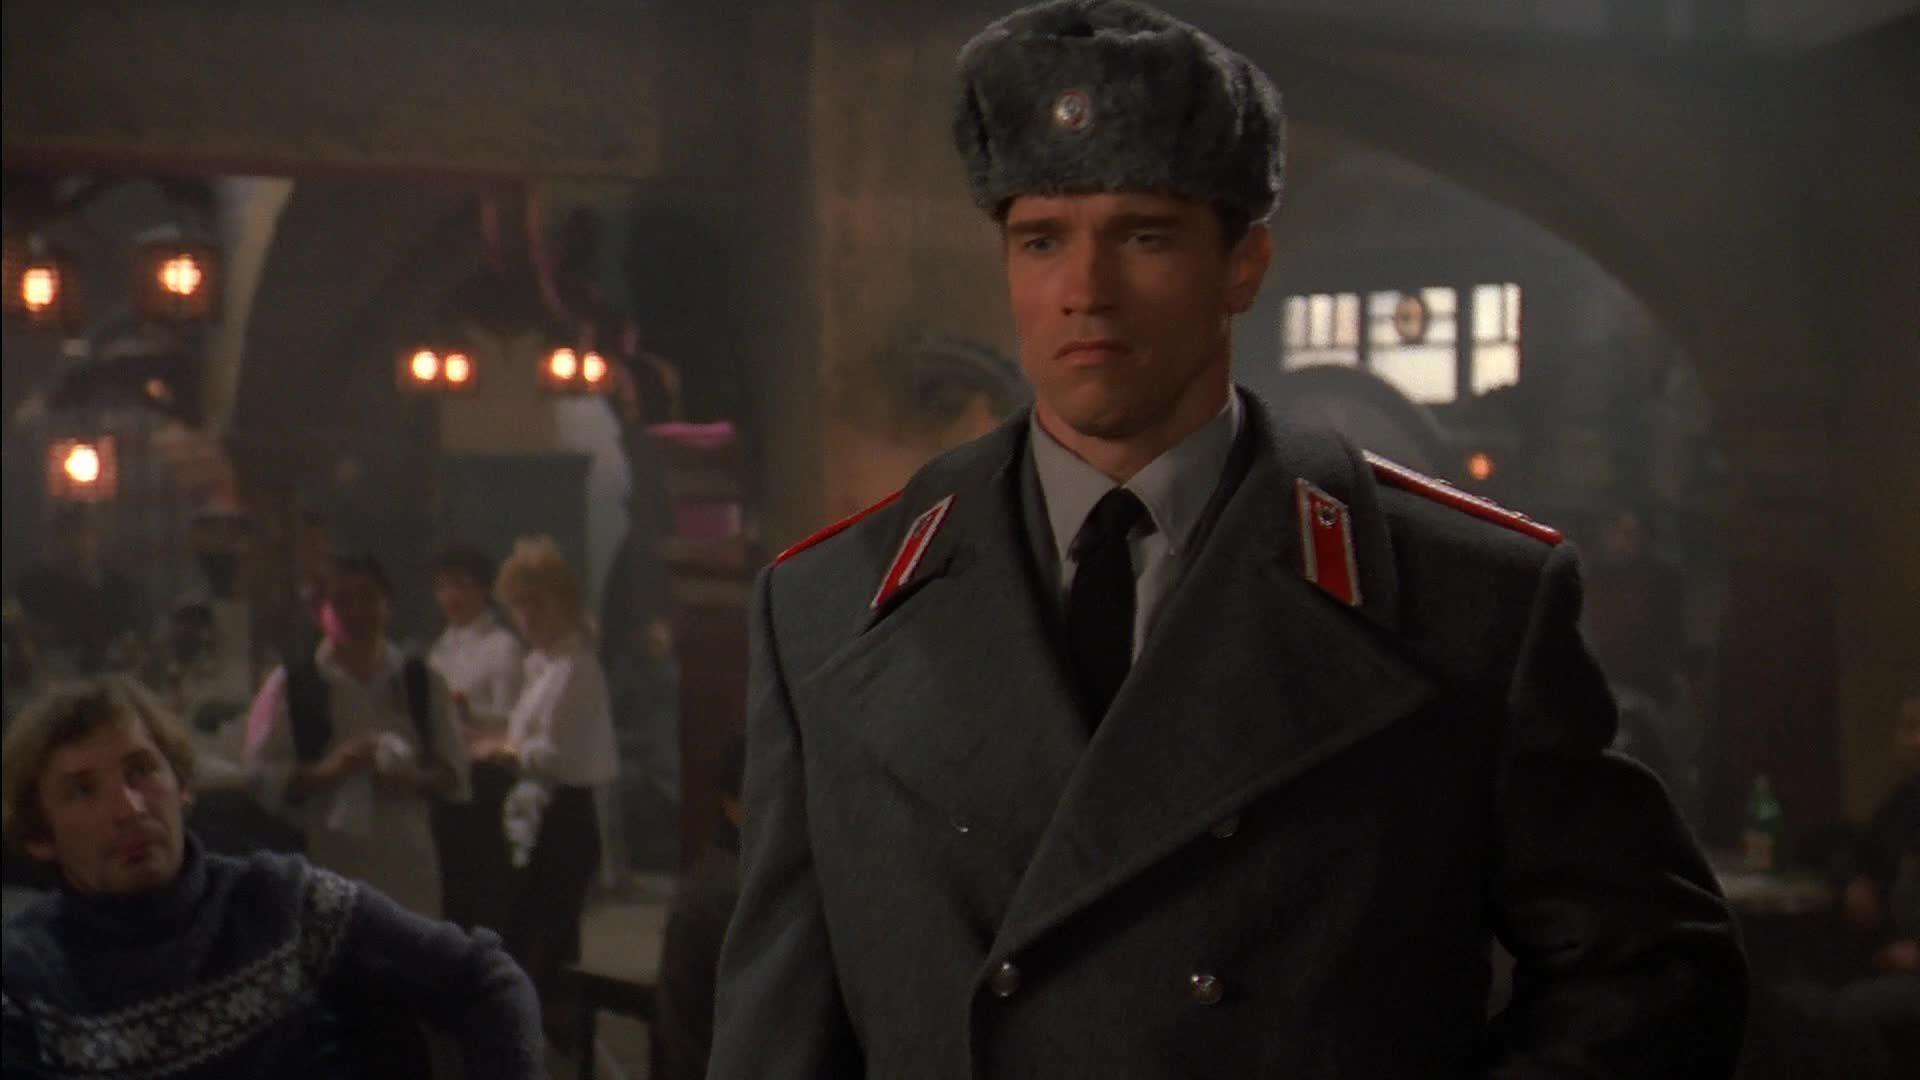 Arnold Schwarzenegger, fullcommunism, sweden, A Valentine for you, Comrade (reddit) GIFs